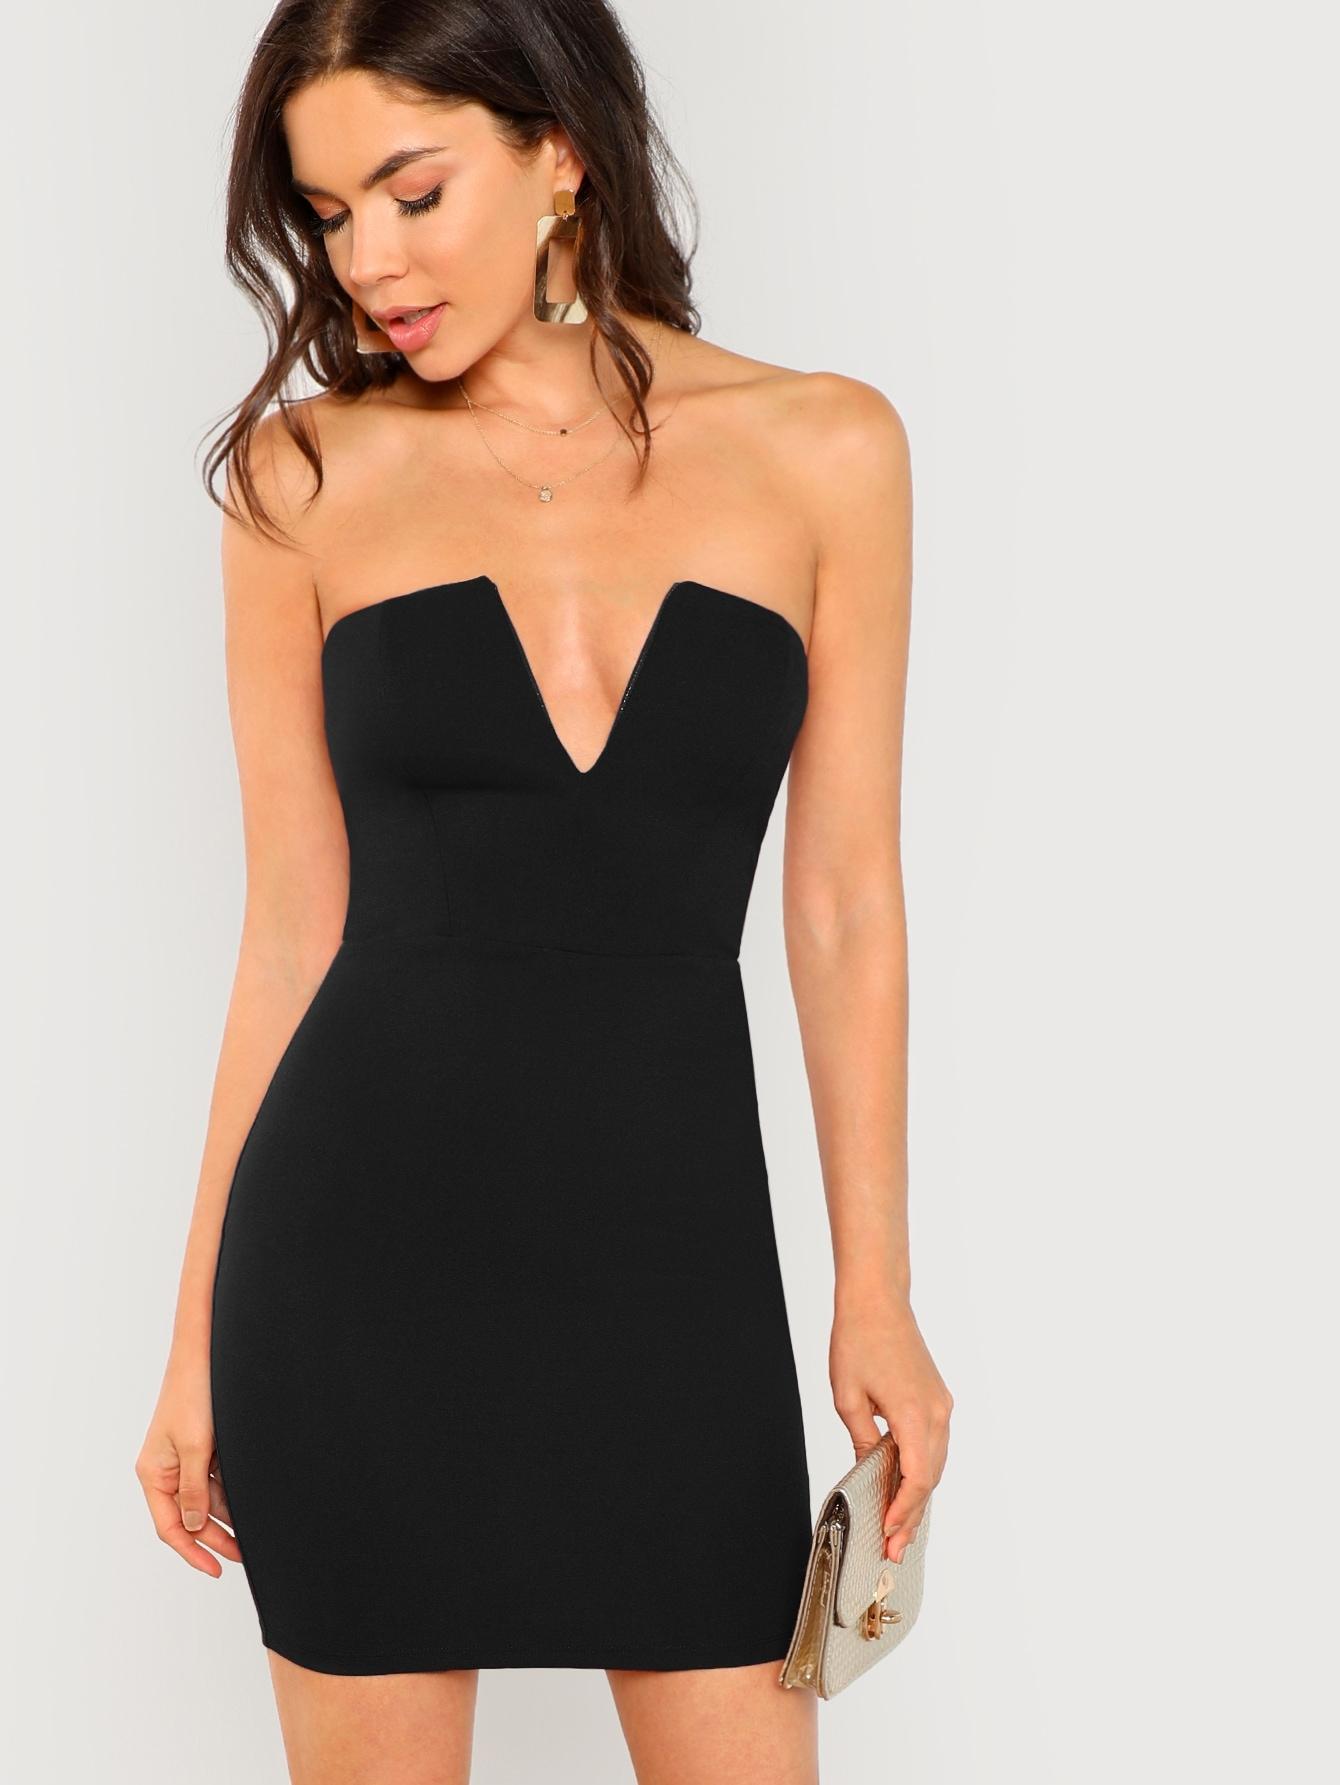 Фото - Облегающее платье без бретелек с v-образным вырезом от SheIn цвет чёрные